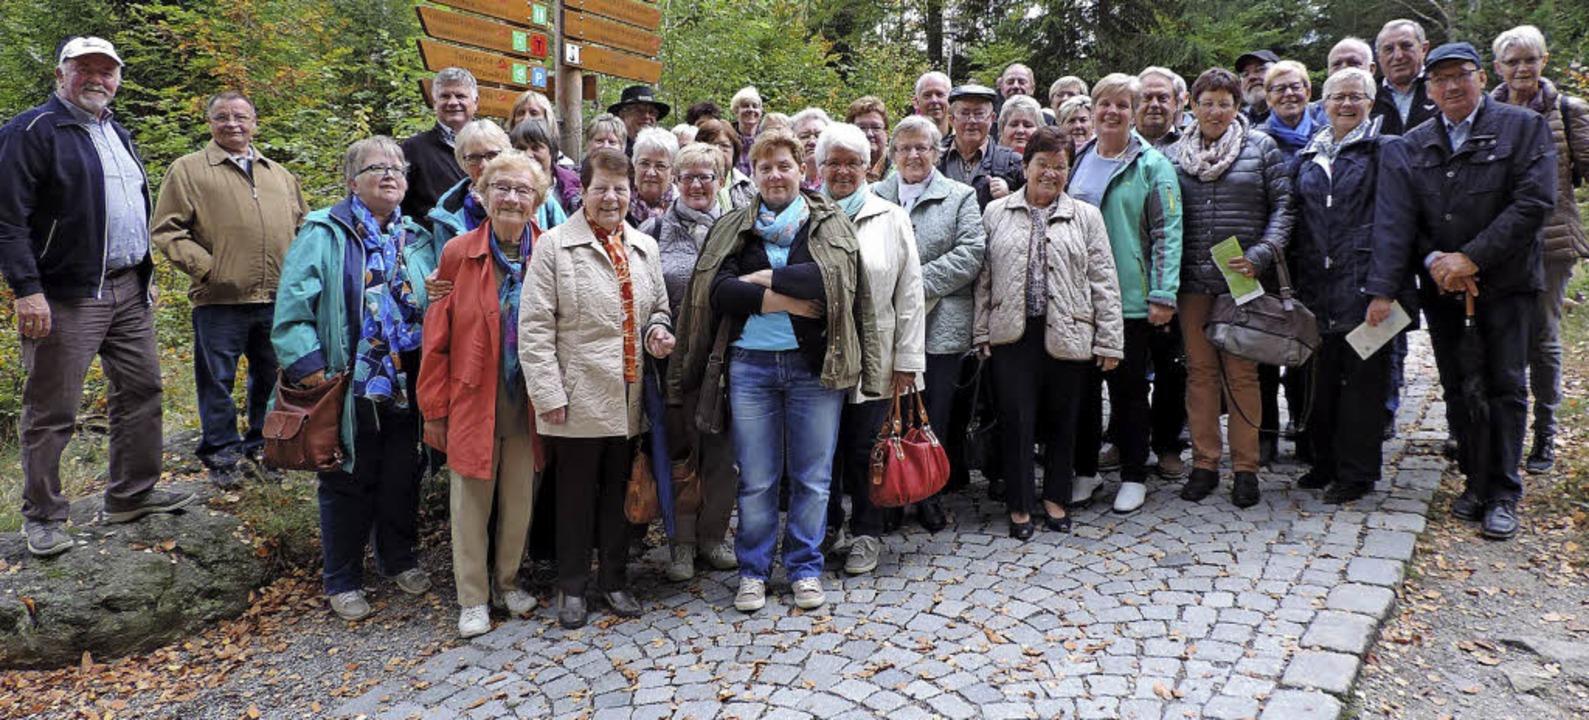 <BZ-FotoAnlauf>Kirchenchor Rust:</BZ-FotoAnlauf> Unterwegs im Bayerischen Wald     Foto: privat